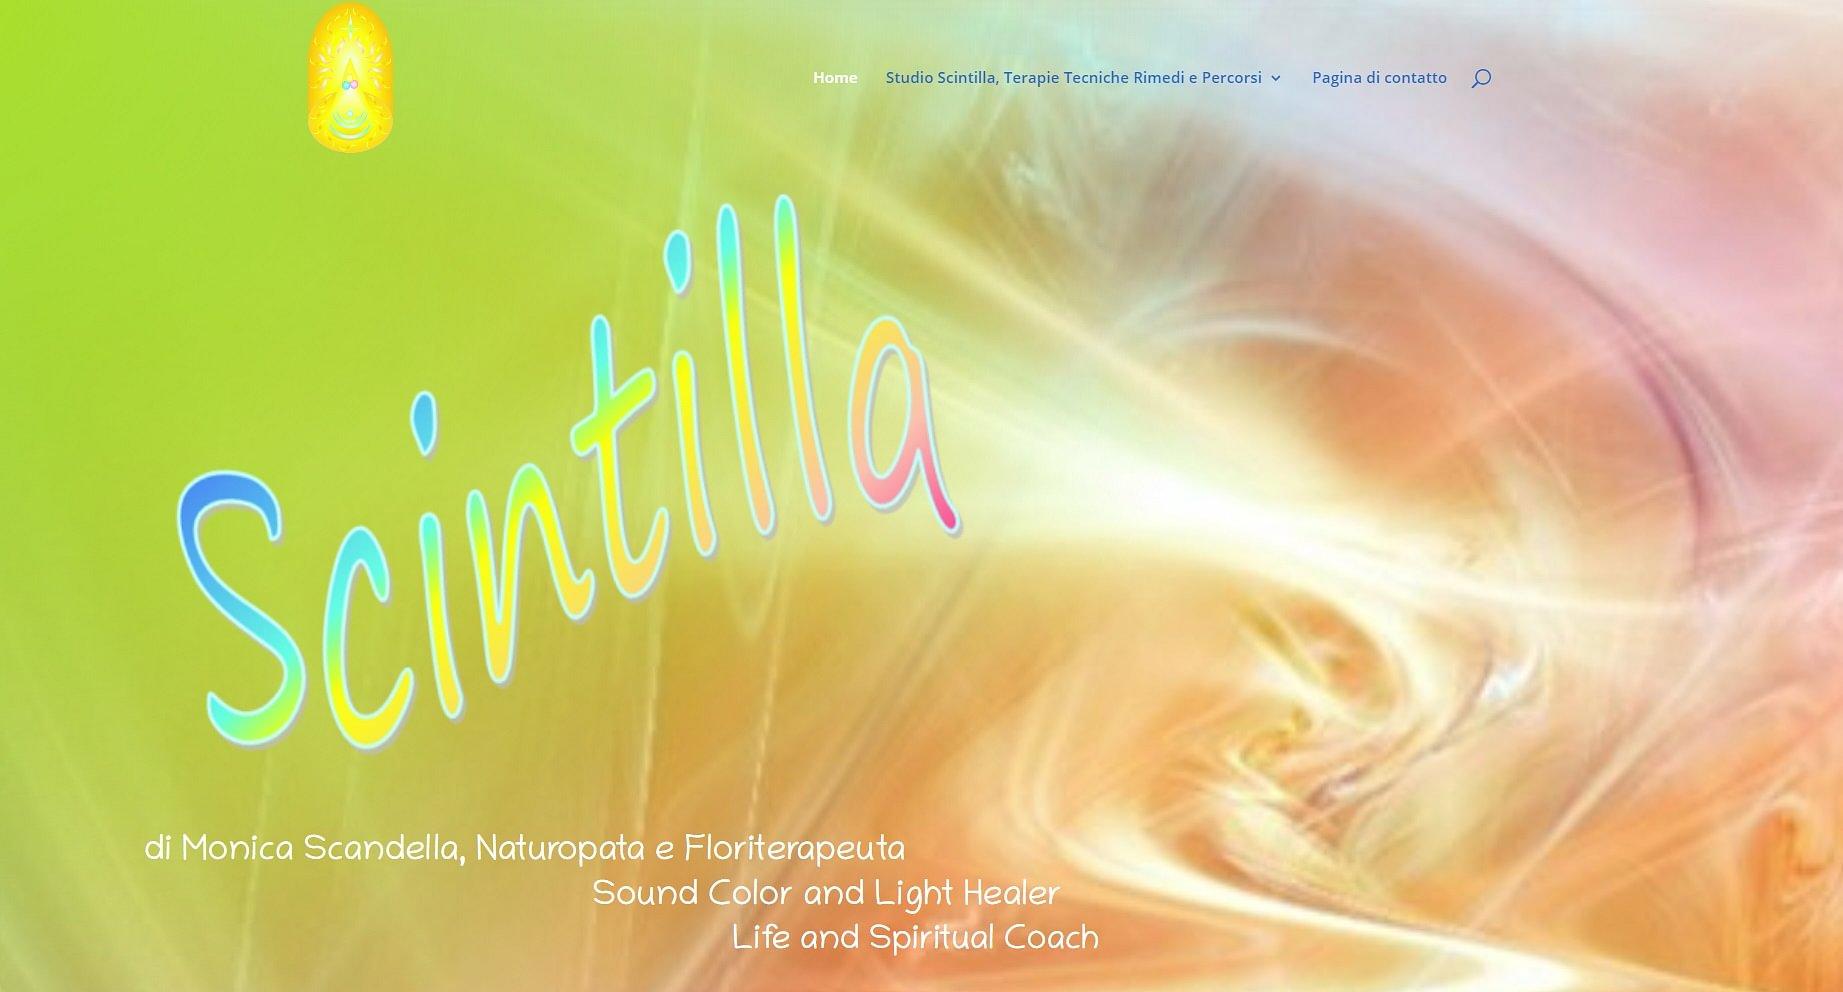 Scintilla Terapie Vibrazionali e Seminari Evolutivi